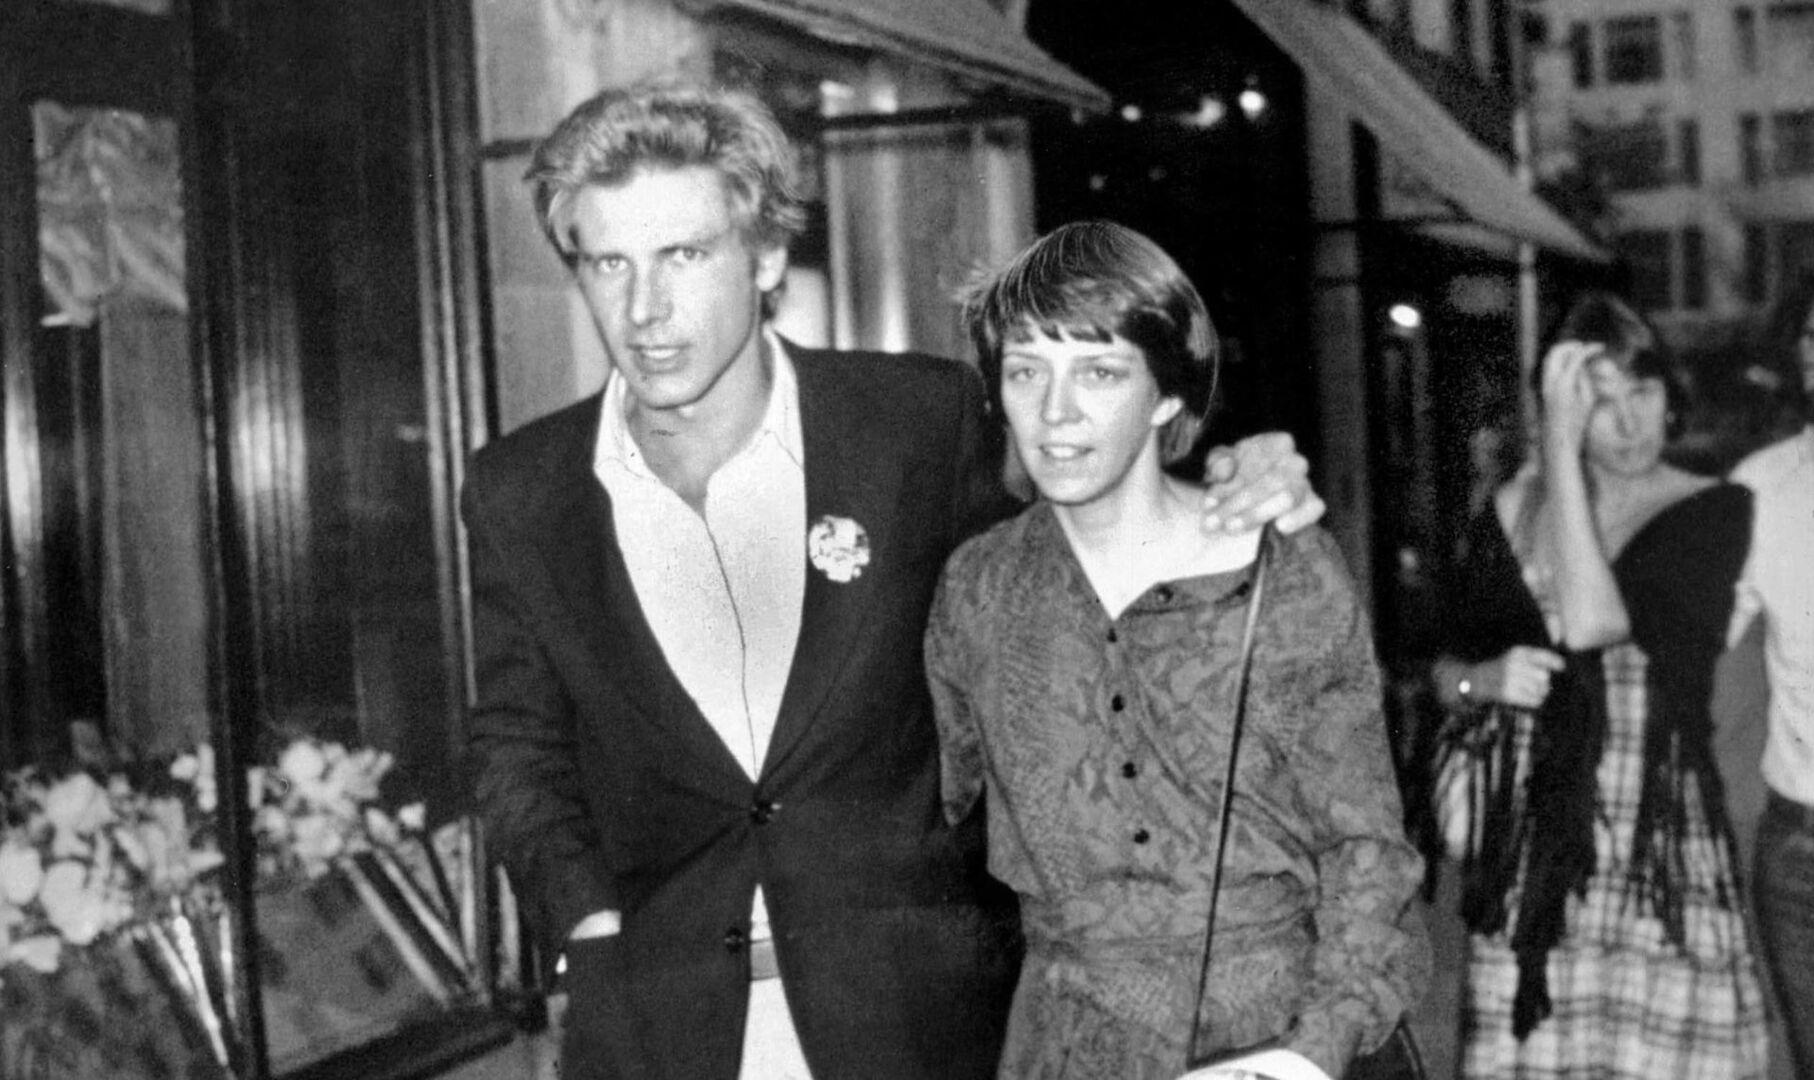 Lo que hizo Harrison Ford al divorciarse de su esposa enferma de esclerosis múltiple